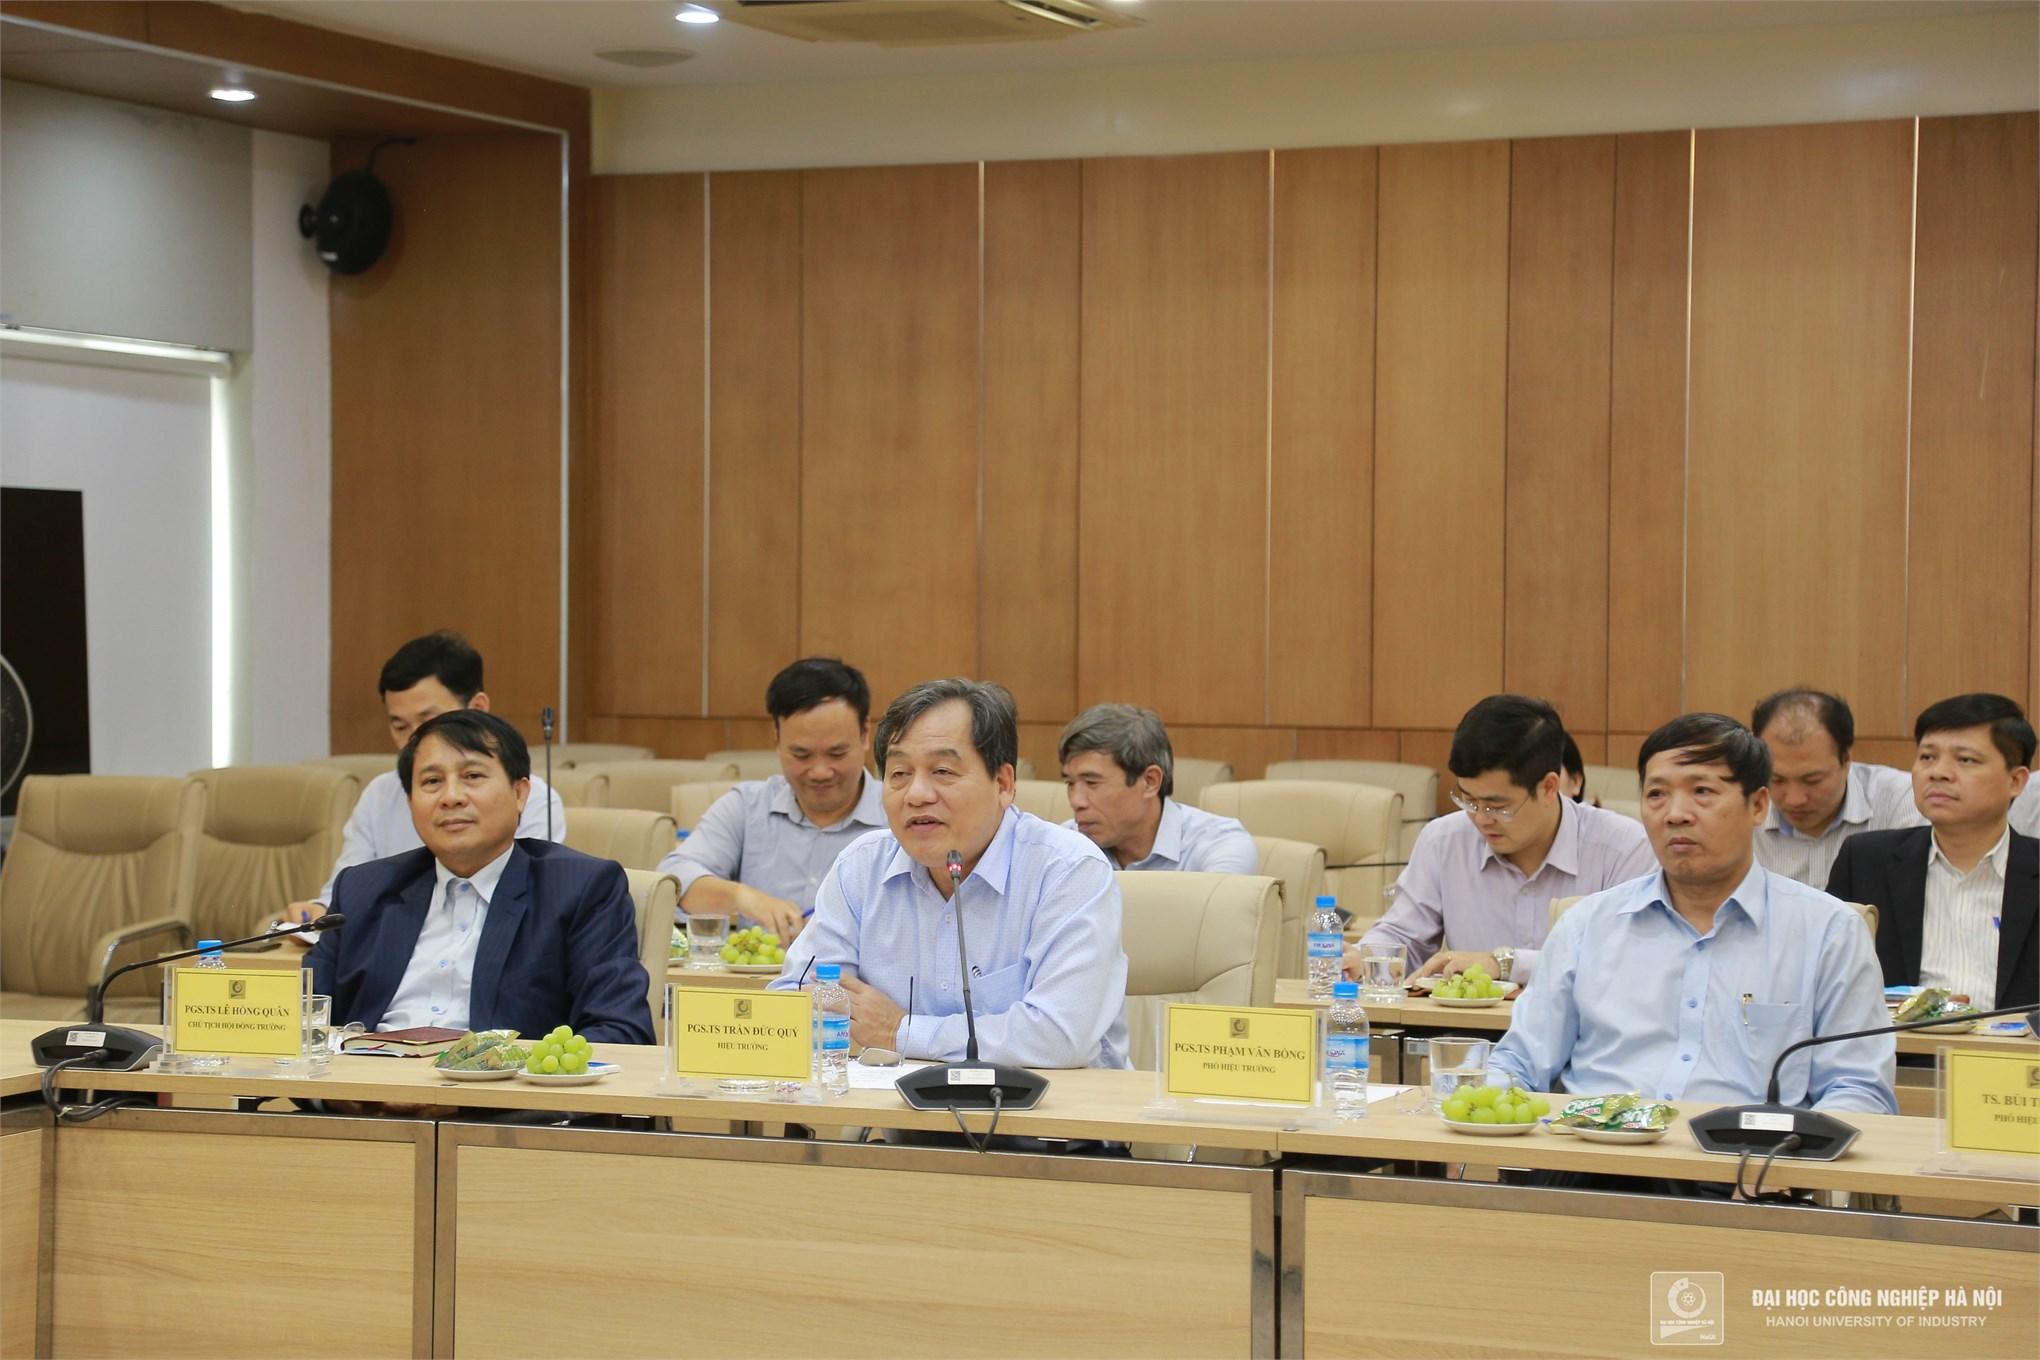 Đại học Công nghệ Giao thông vận tải thăm và làm việc tại Đại học Công nghiệp Hà Nội